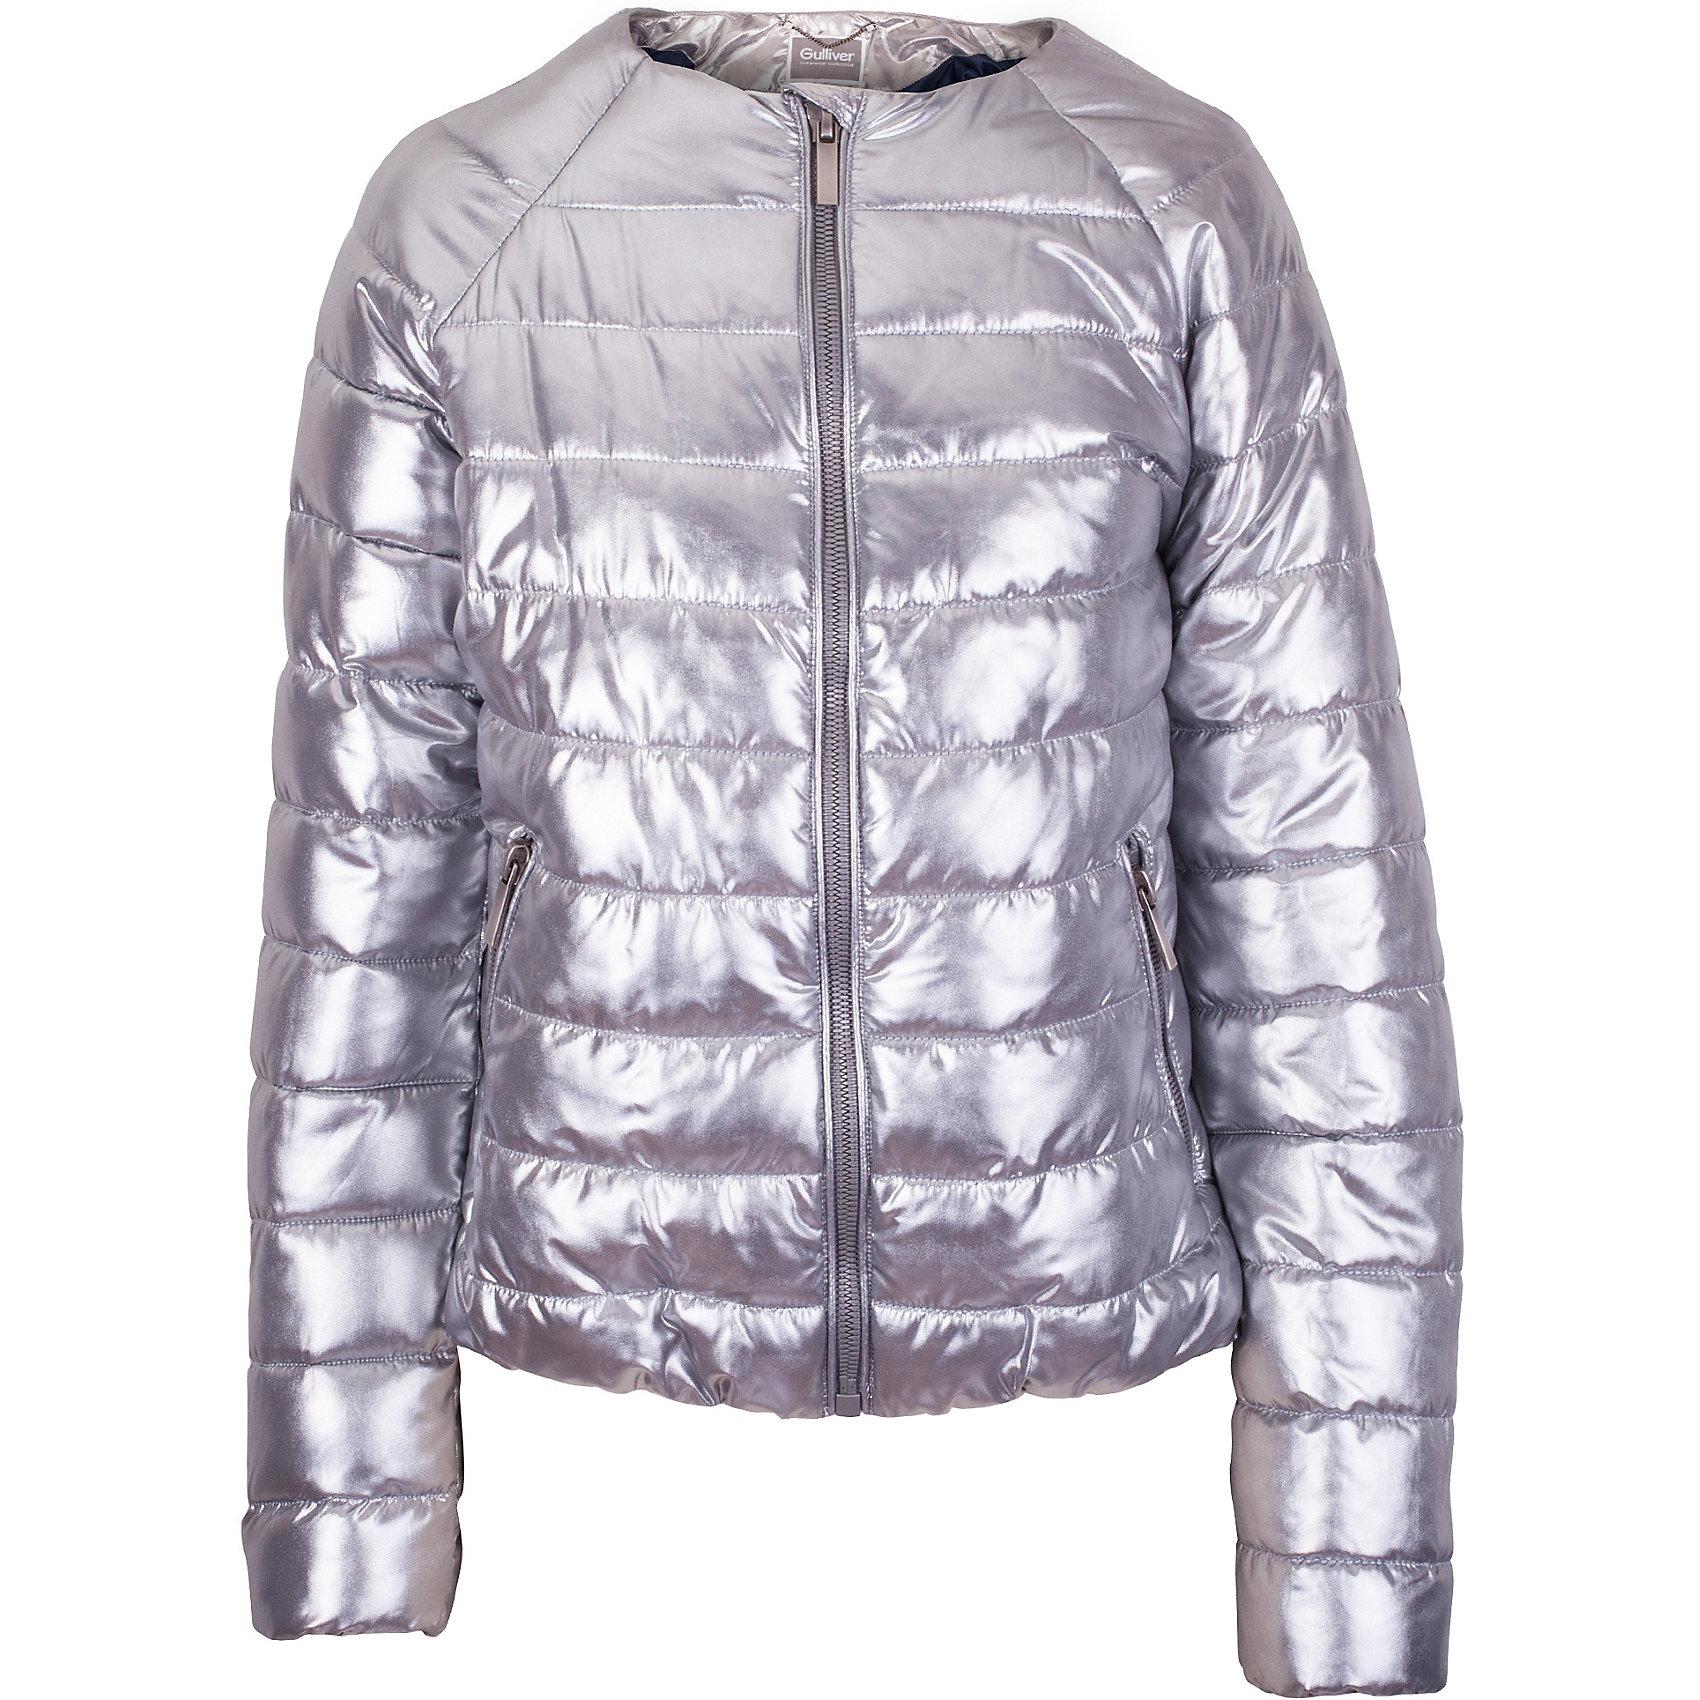 Куртка для девочки GulliverДемисезонные куртки<br>Прошли времена, когда детская куртка выполняла исключительно функциональную роль. Сейчас изделию недостаточно быть только удобным и теплым. Куртка для девочки должна быть яркой, элегантной, привлекательной и отражать в полной мере характер и предпочтения своей обладательницы! Именно такая, стеганая серебристая куртка без воротника может понравиться юной моднице. Если вы предпочитаете сформировать весенний гардероб ребенка из светлых, современных, позитивных вещей, вам стоит купить детскую куртку из коллекции Круиз! В этой куртке вашему ребенку гарантирован прекрасный внешний вид, соответствие модным трендам, а также тепло, комфорт и свобода движений.<br>Состав:<br>верх: 100% полиэстер; подкладка:  100% полиэстер; утеплитель: иск.пух  100% полиэстер<br><br>Ширина мм: 356<br>Глубина мм: 10<br>Высота мм: 245<br>Вес г: 519<br>Цвет: серый<br>Возраст от месяцев: 120<br>Возраст до месяцев: 132<br>Пол: Женский<br>Возраст: Детский<br>Размер: 146,164,152<br>SKU: 5483065